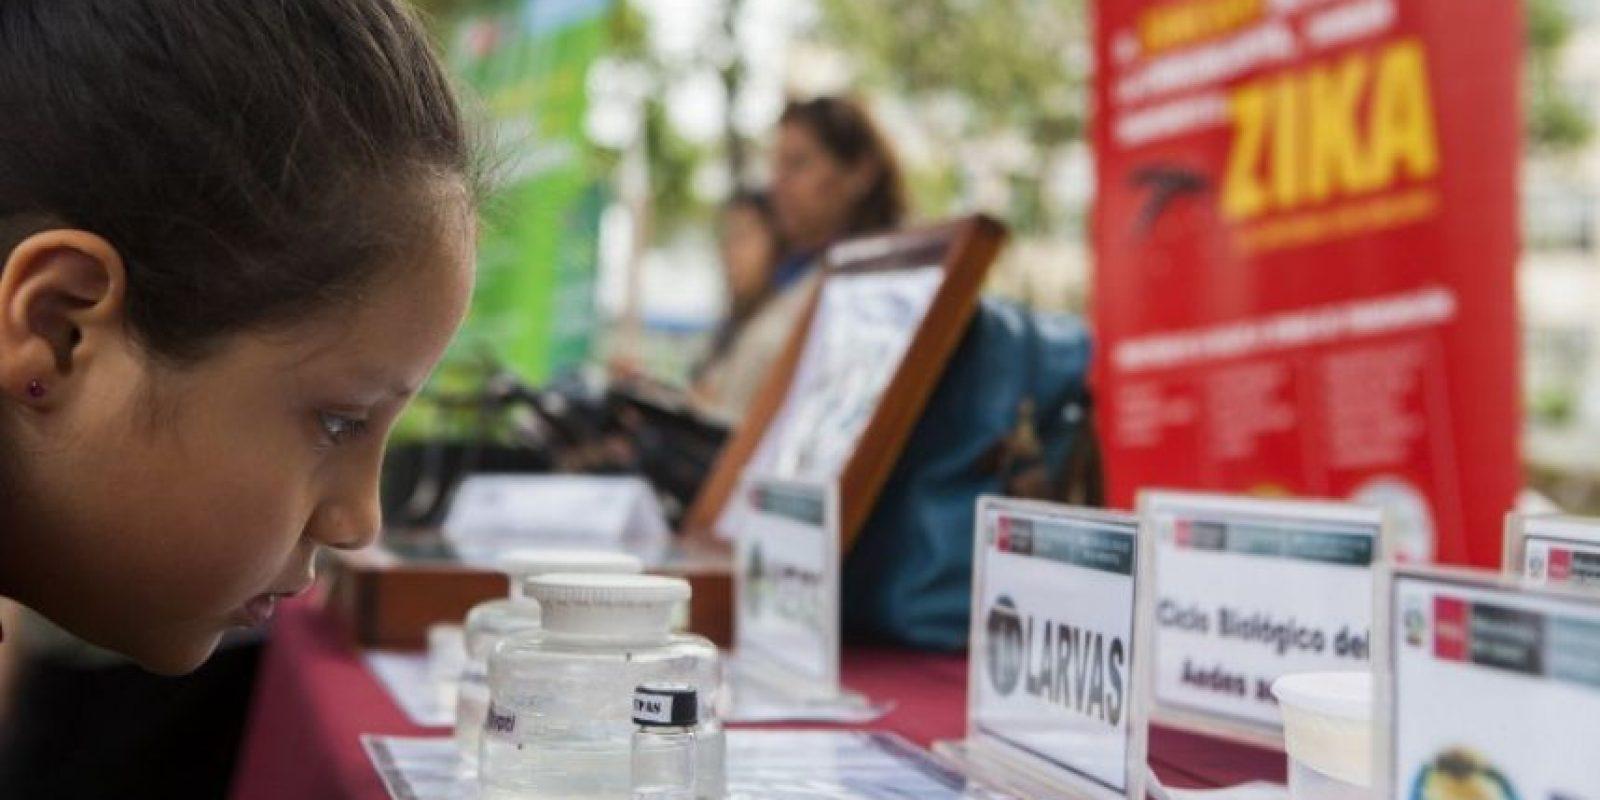 Sí, en 2007 ocurrió una epidemia que afectó a Malasia y Micronesia. En 2013 se registró un brote en la Polinesia Francesa. Y en 2014, algunos casos en la Isla de Pascua. Foto:AFP